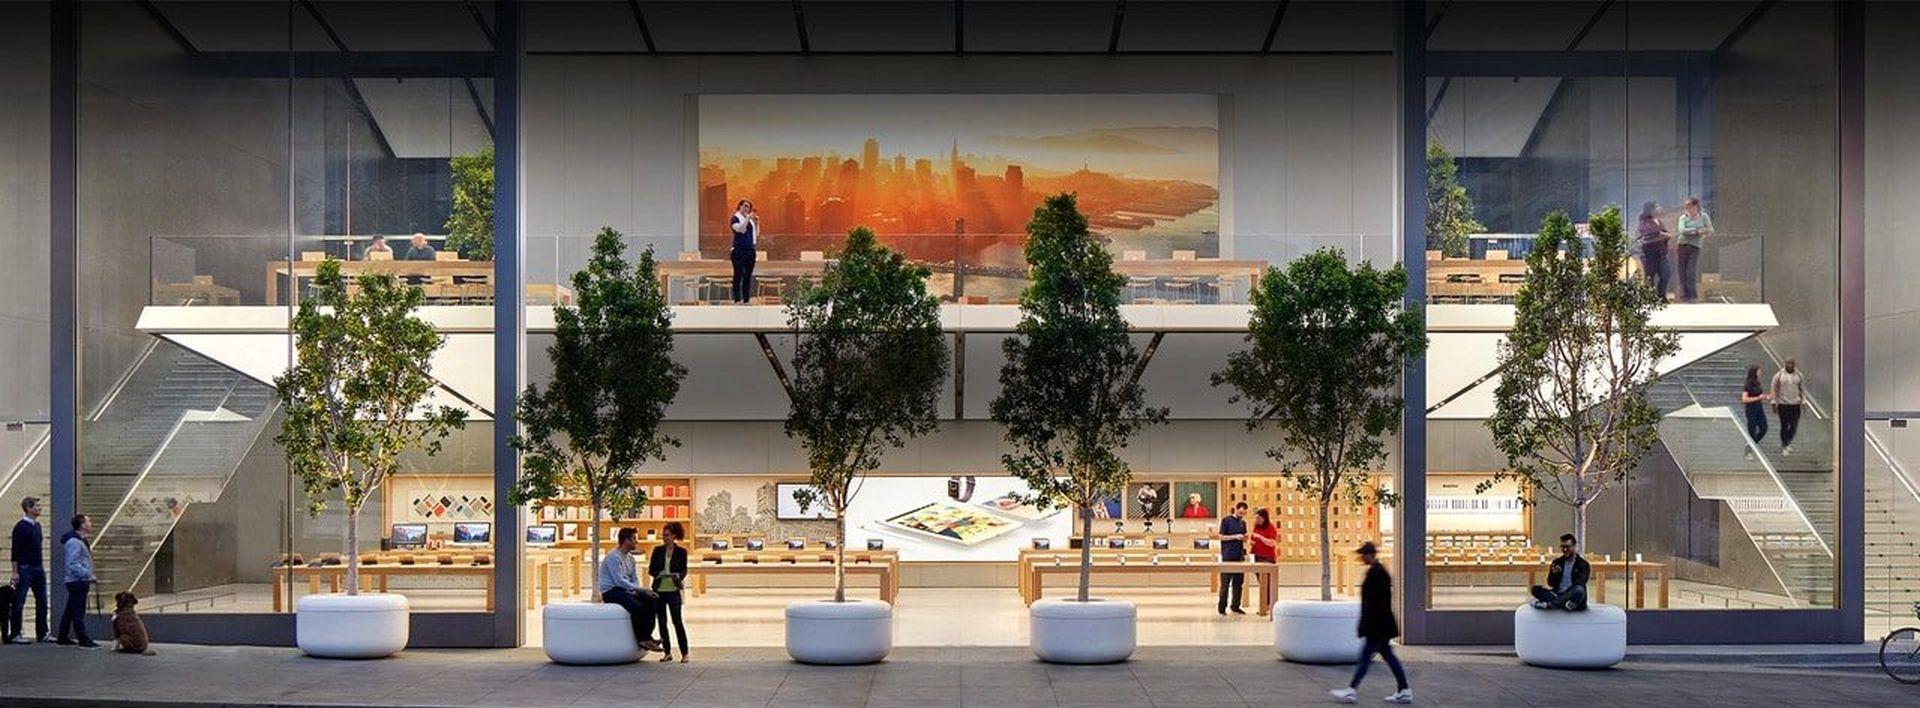 28 października wyniki finansowe Apple za 4 kwartał fiskalny 2021 roku